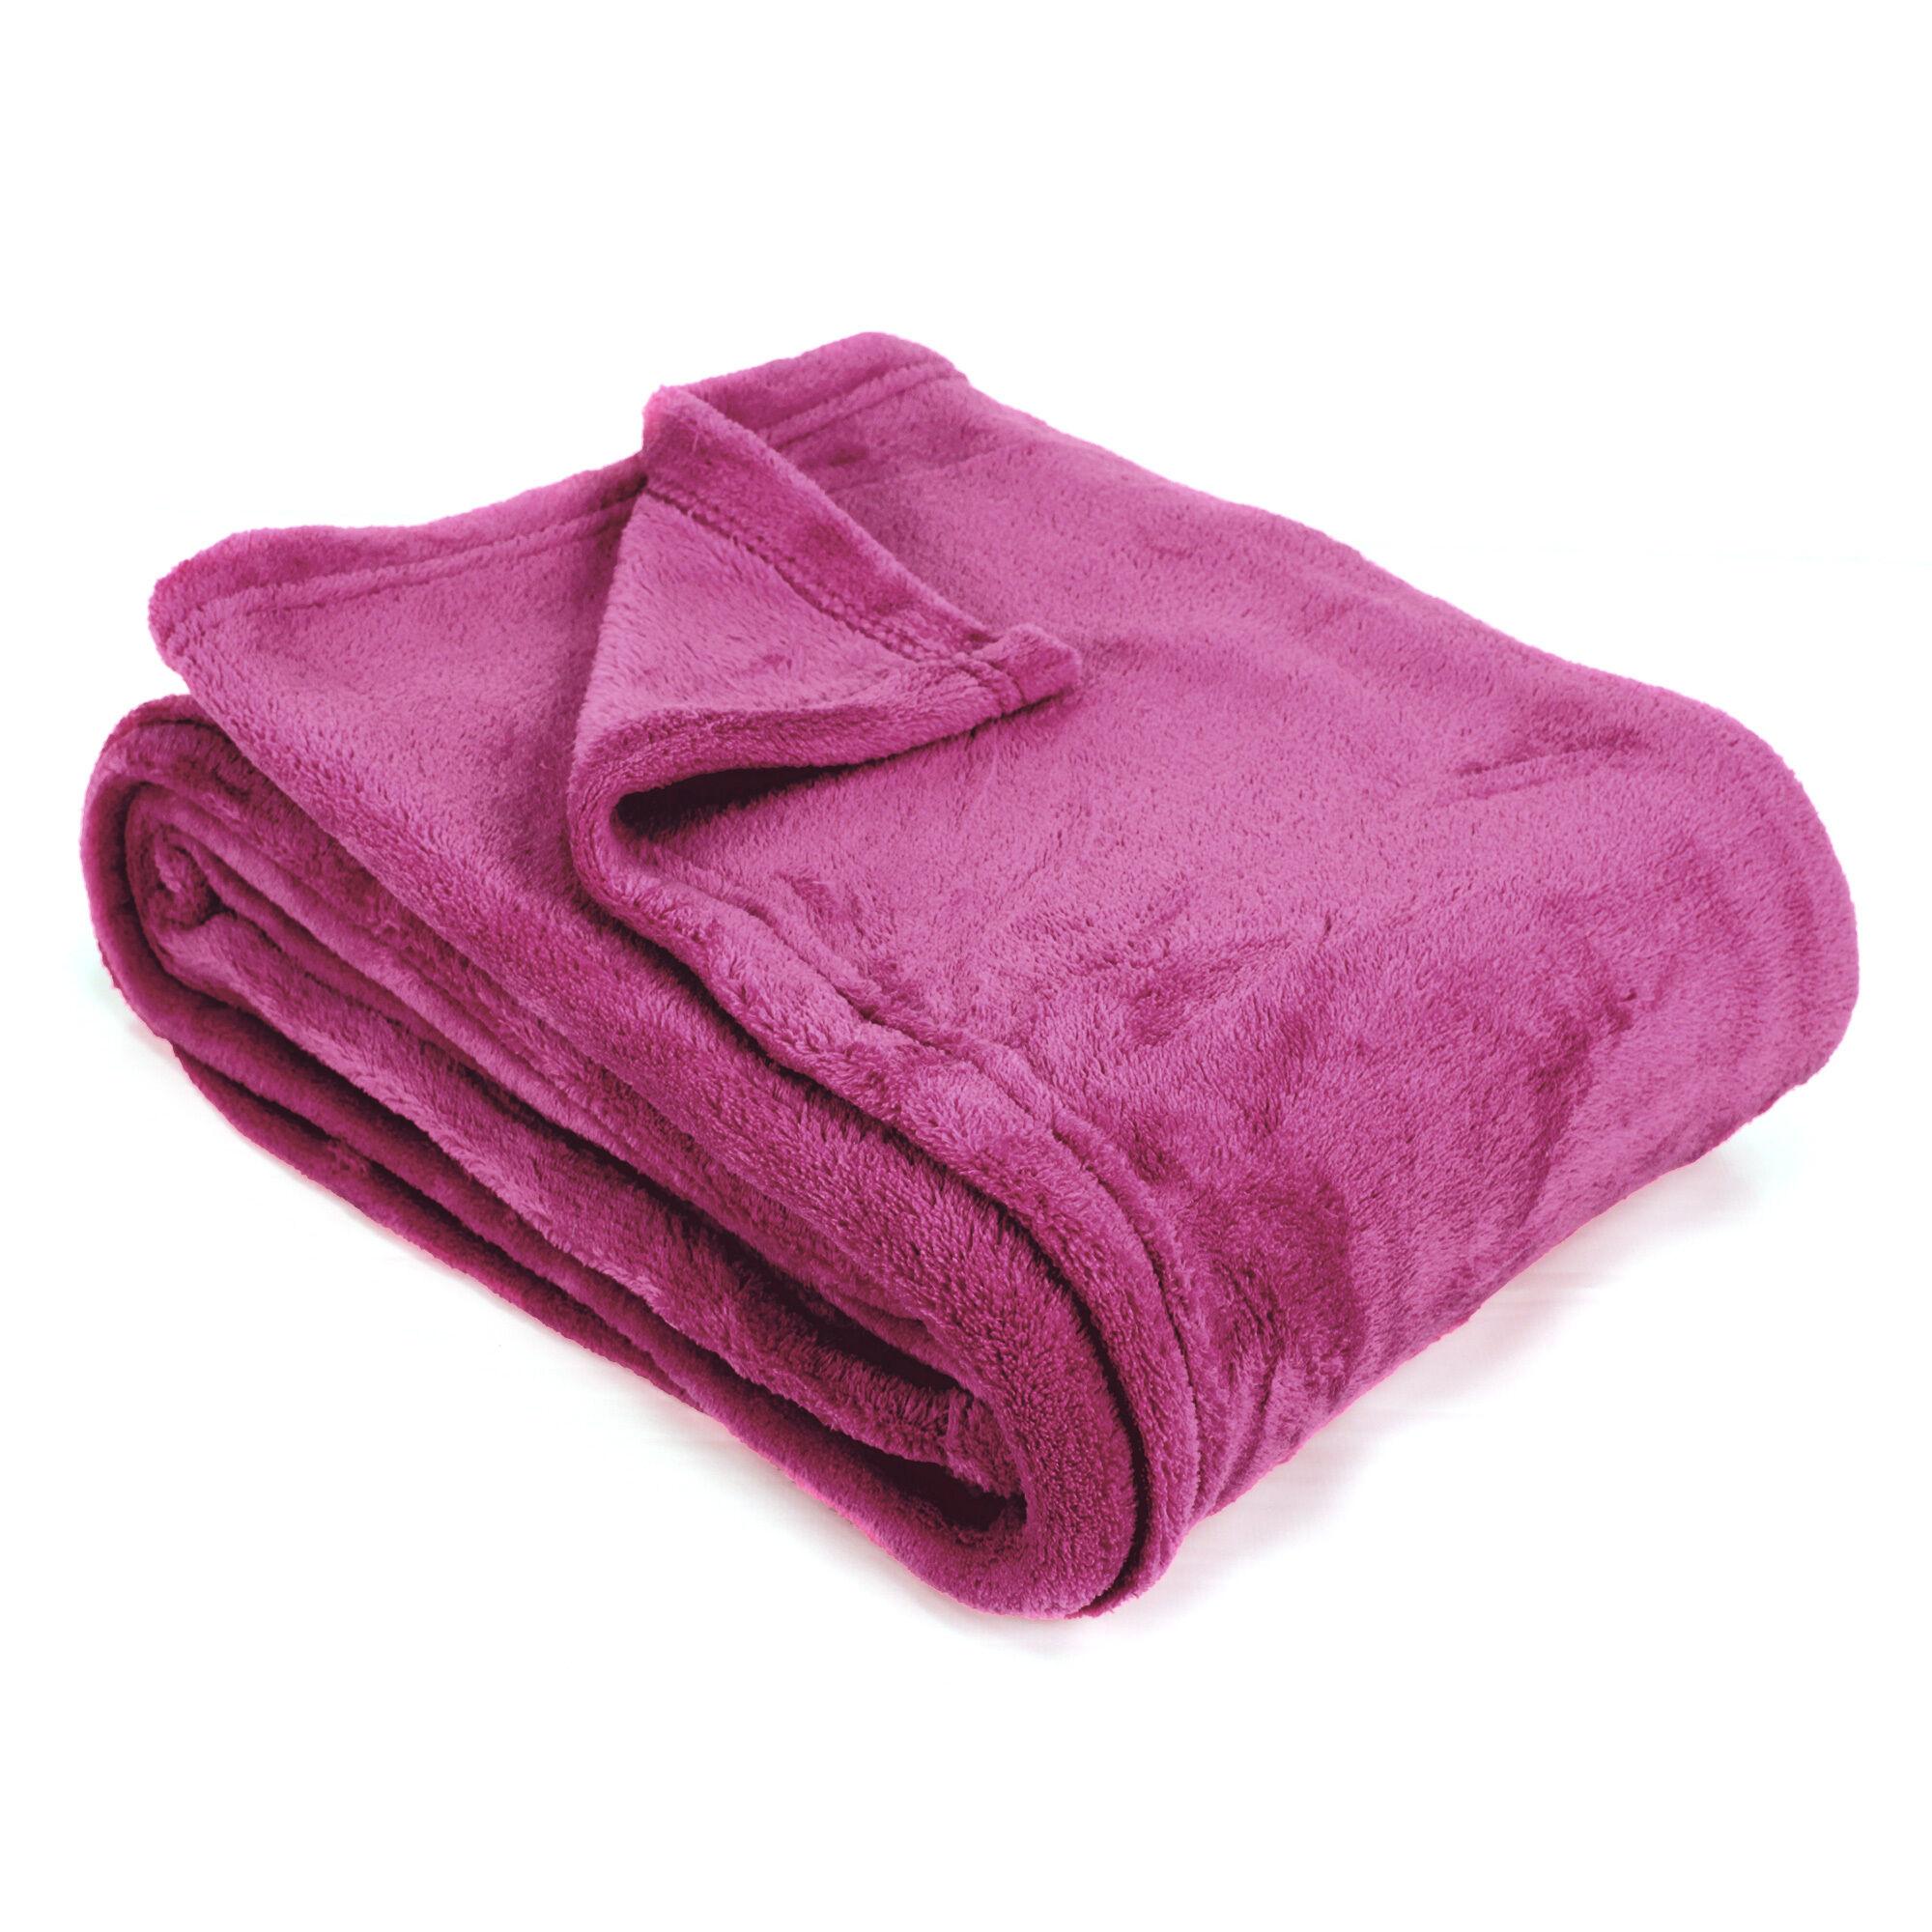 couverture polaire 220x240 cm microfibre 280 g m2 apollo violet prune linnea. Black Bedroom Furniture Sets. Home Design Ideas